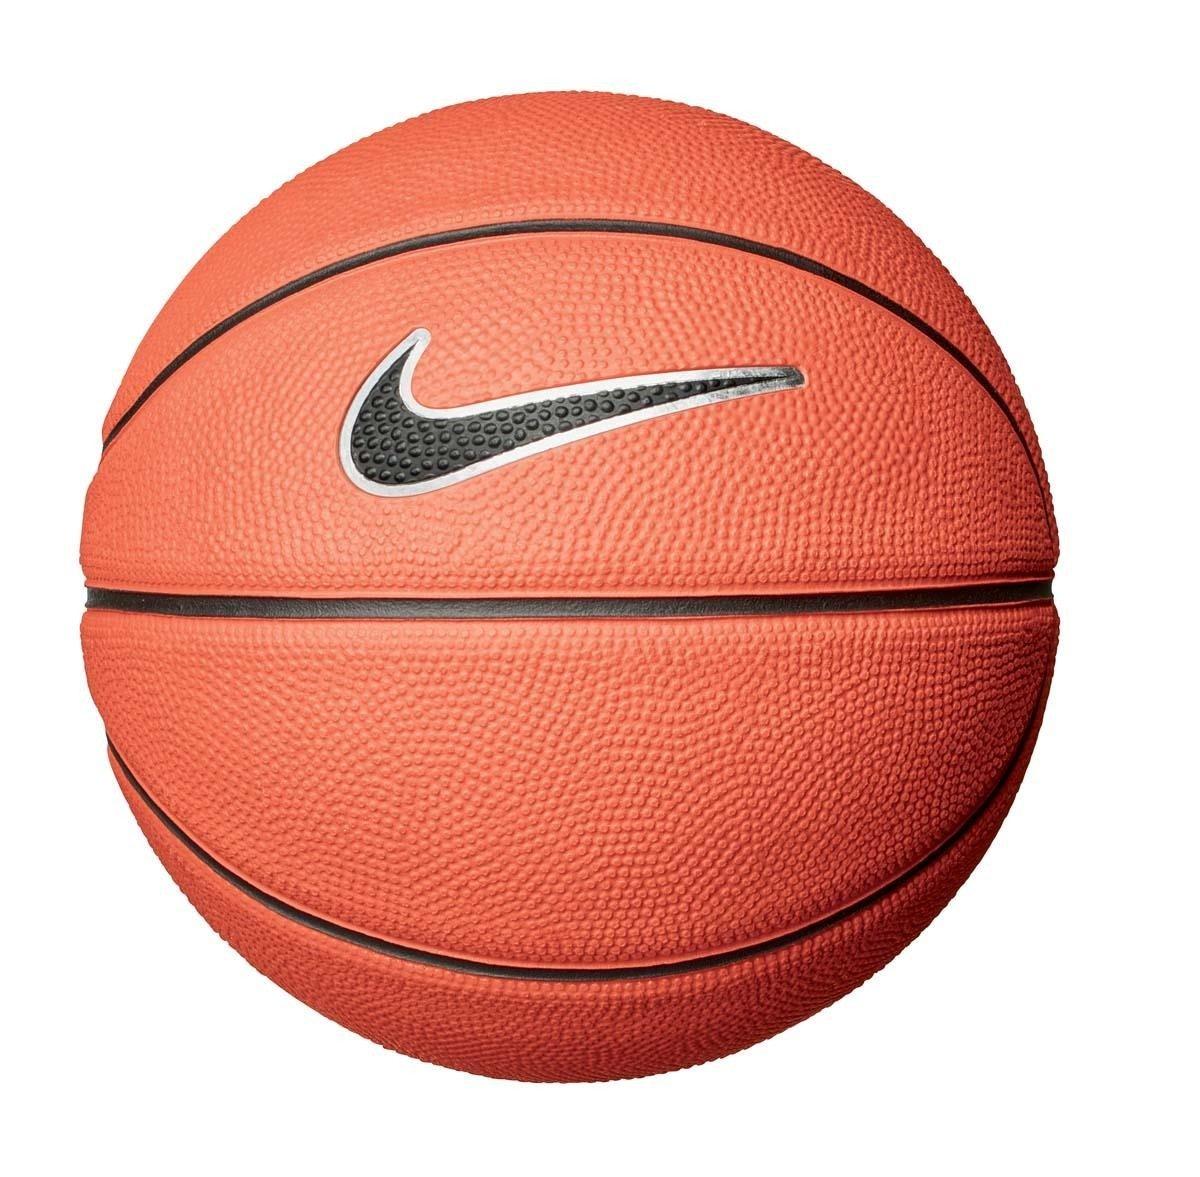 070f761a Piłka do koszykówki Nike Skills 3 - NKI0887903 - Basketo.pl